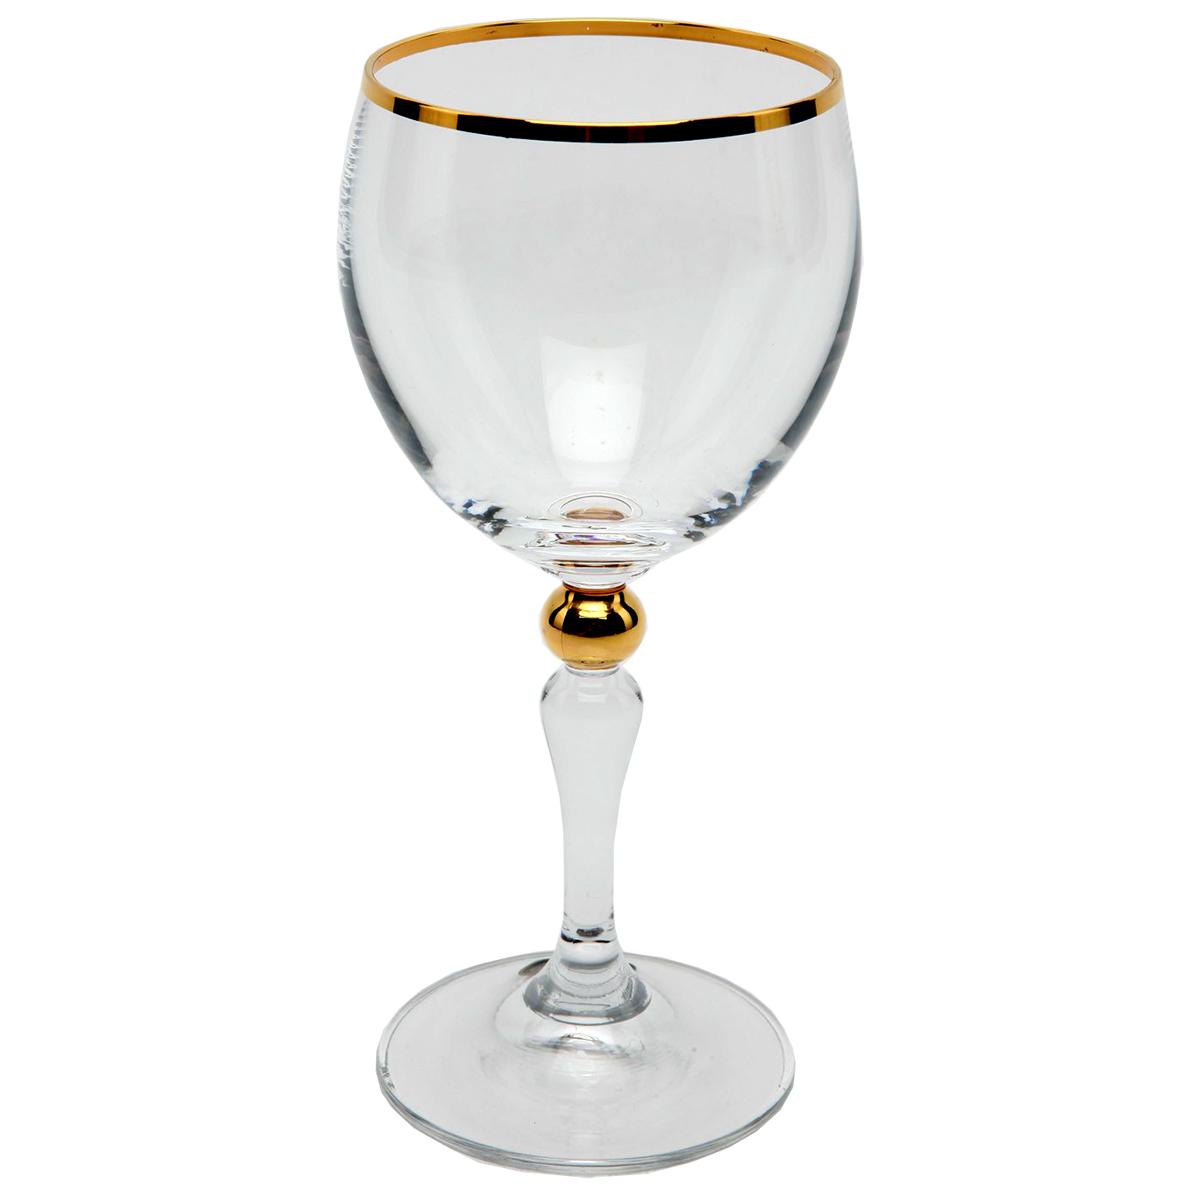 Набор бокалов для шампанского Bohemia Crystal Кармен, 190 мл, 6 шт40318/20639/190Бокалы для шампанского Bohemia Crystal коллекции Кармен порадуют не только вас, но и ваших гостей. Они обладают привлекательным внешним видом, а материалом их изготовления является высококачественное хрустальное стекло. Кроме того, красоту бокала подчеркивает элегантная форма ножки. Объем бокала 190 мл. Количество в упаковке 6 шт.